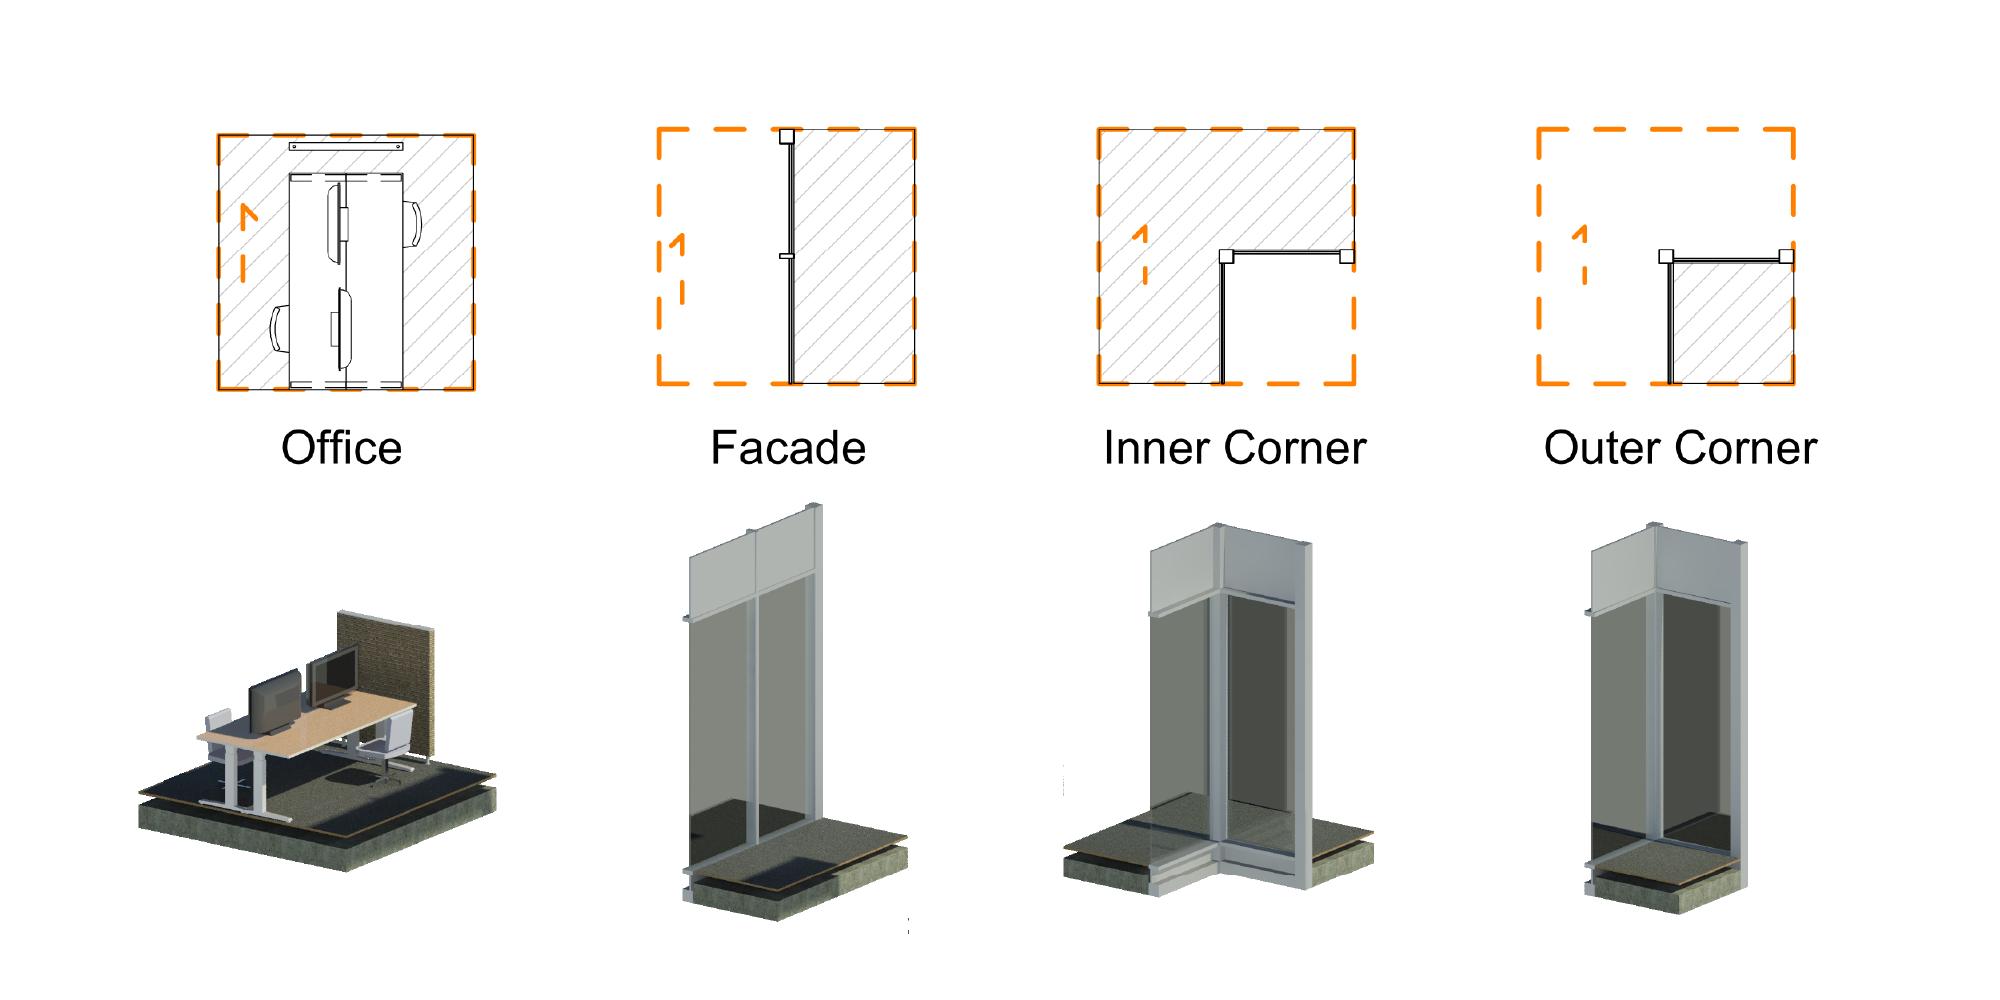 The base tiles in Revit